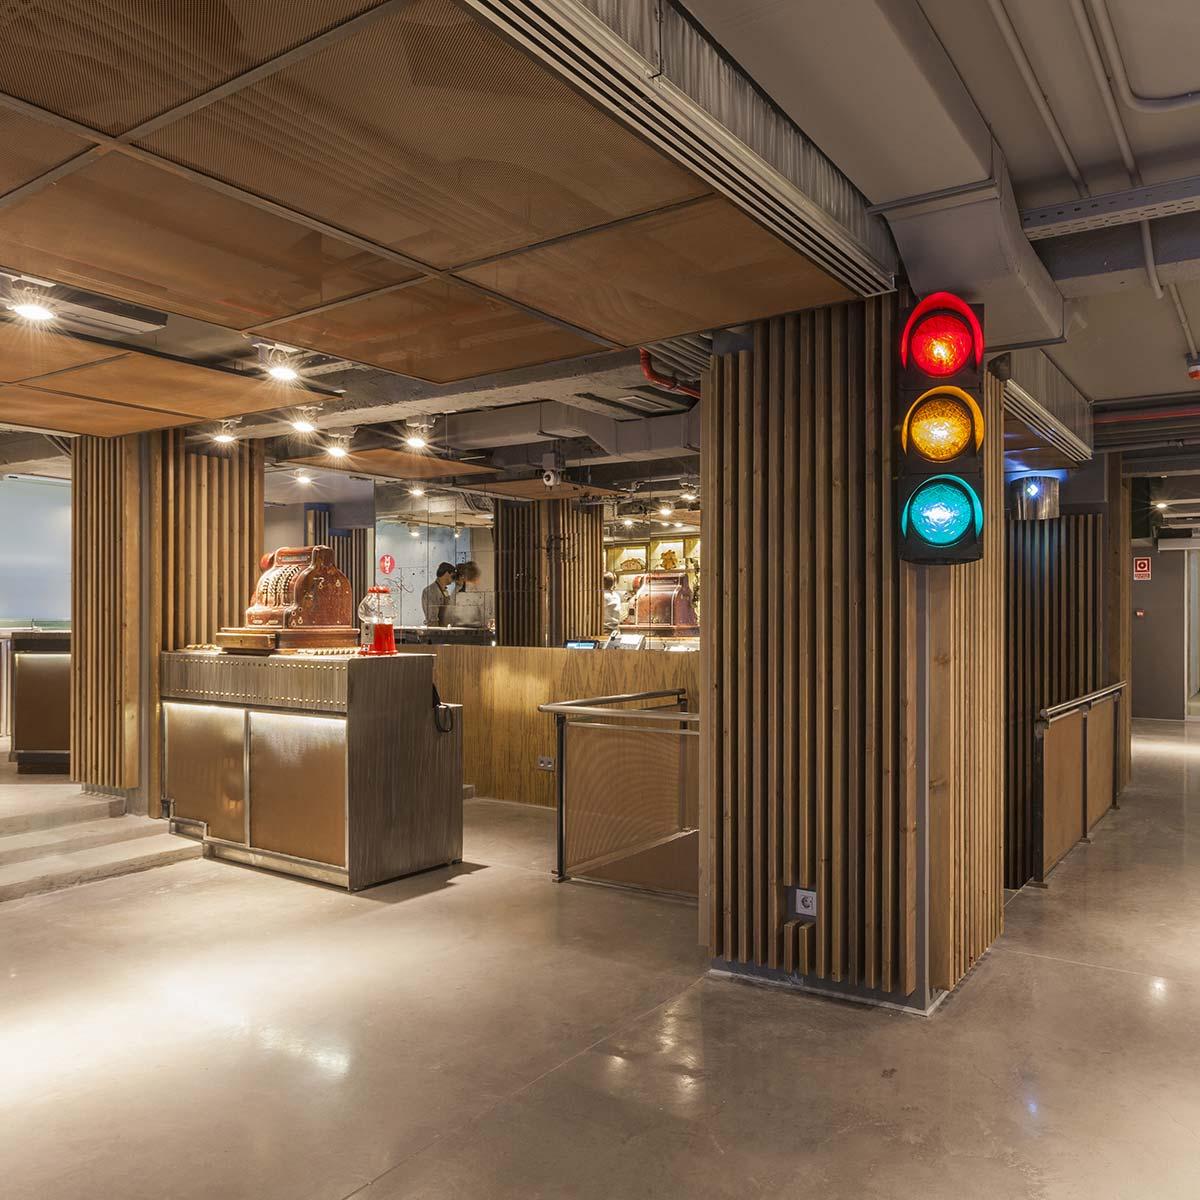 Imágenes interiores del proyecto de interiorismo pastelería Mamá Framboise.